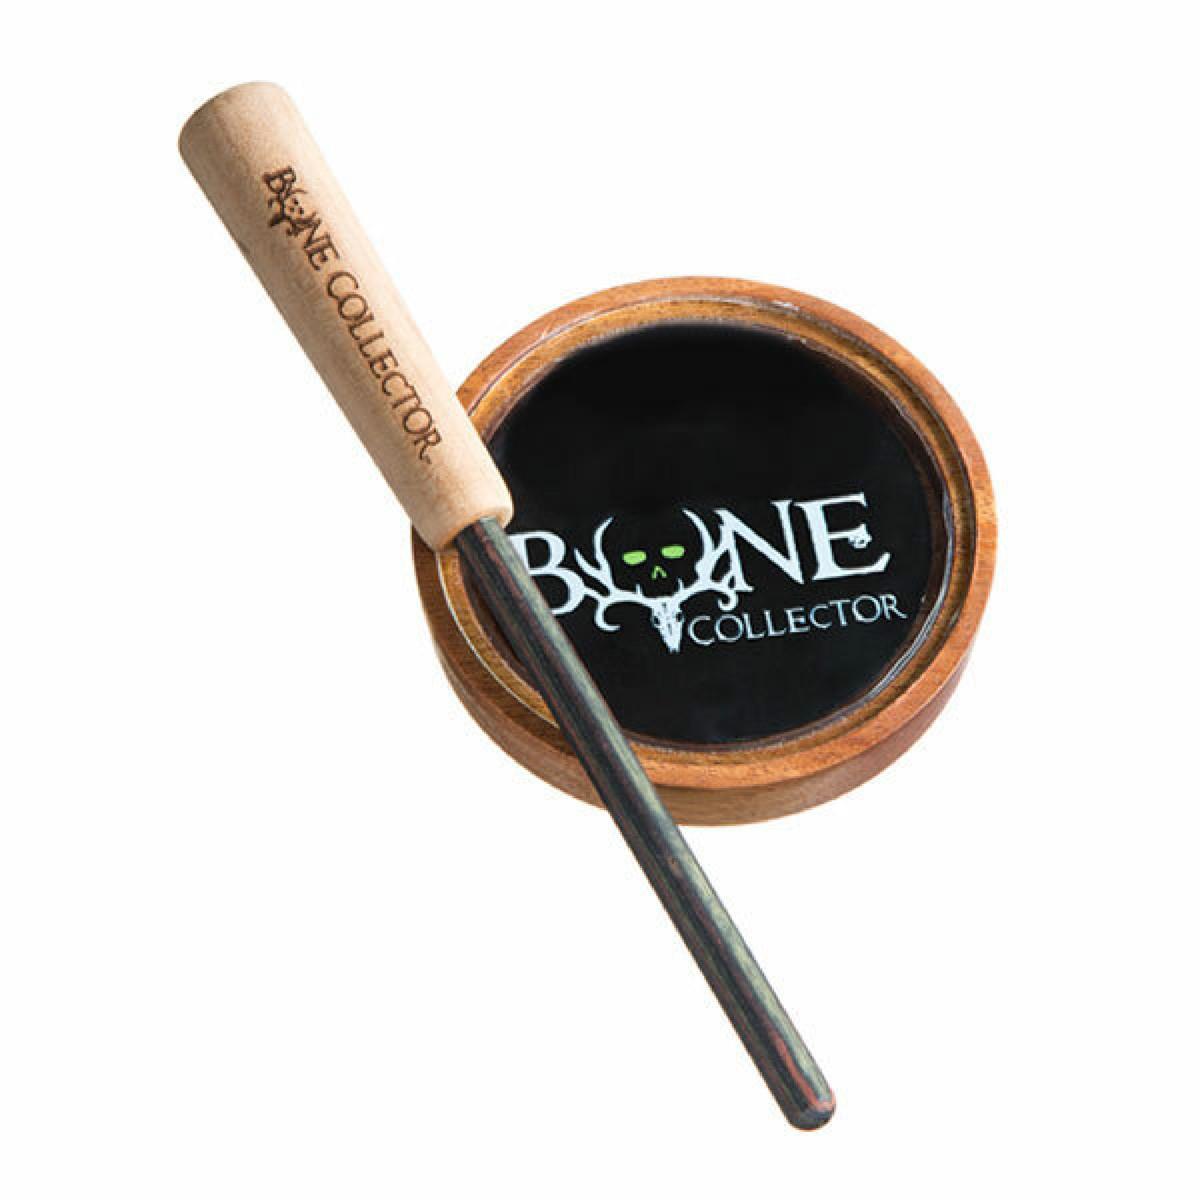 Bone Collector Turkey Call Kits Ol Waddy Sweet-April-glass-pot